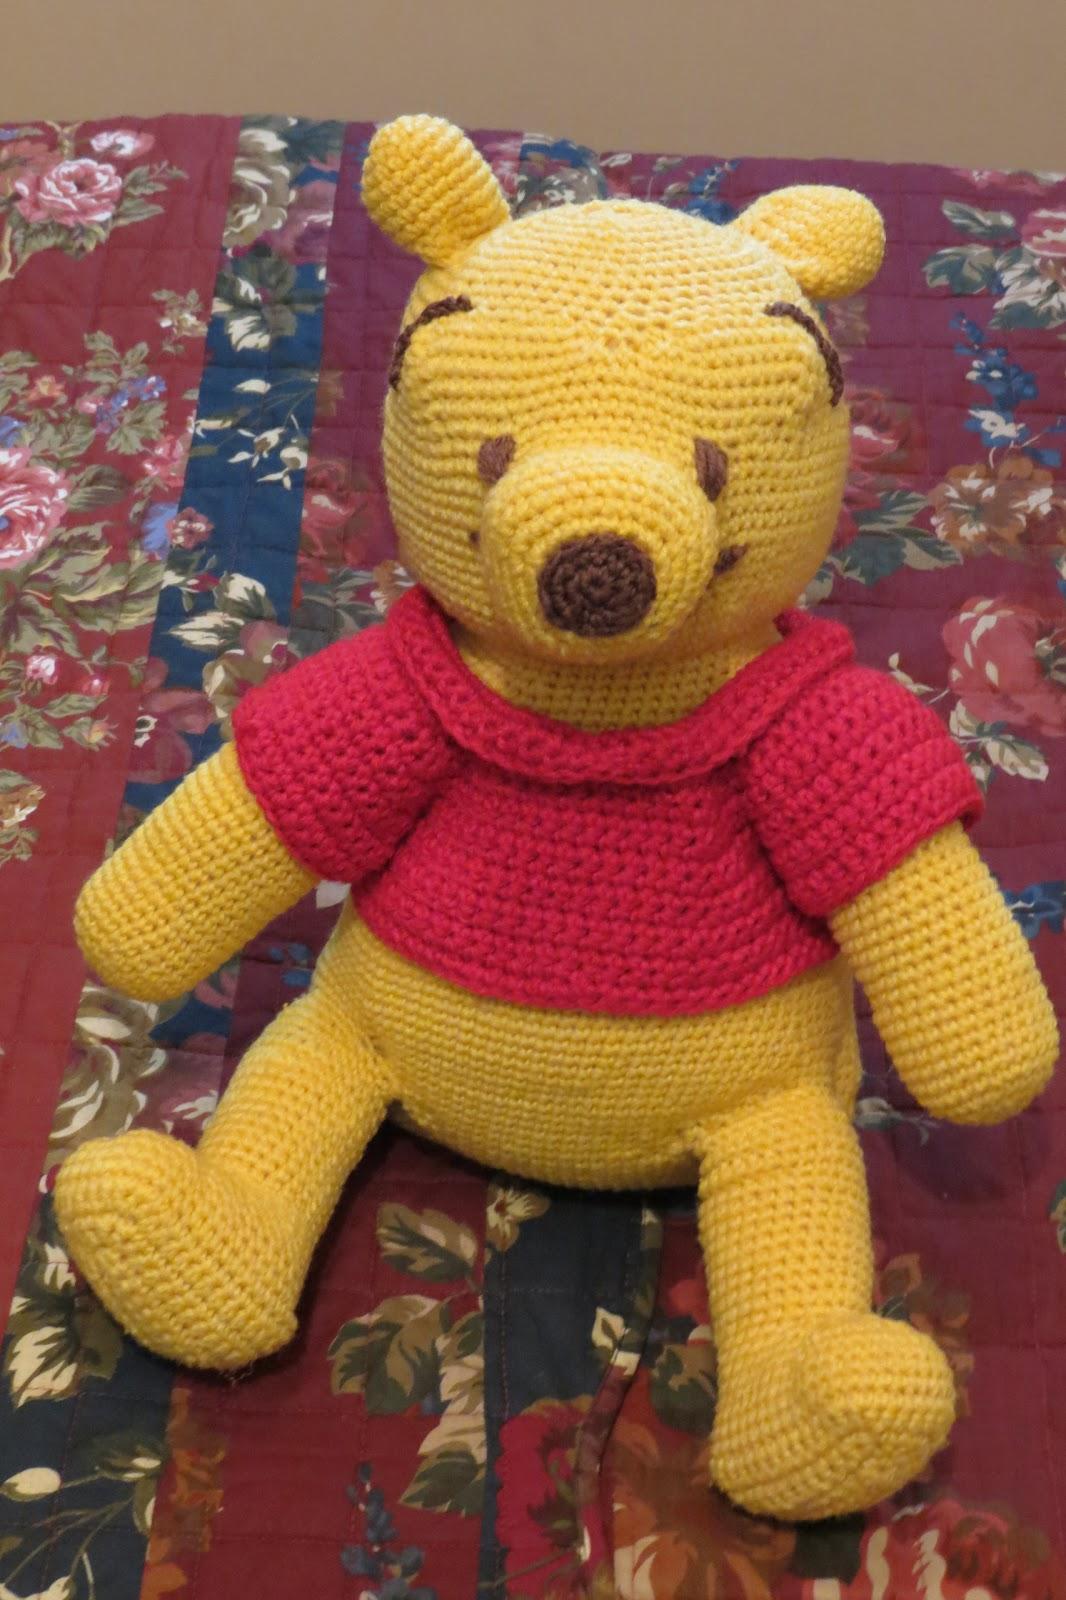 Crochet Amigurumi Eeyore : Crochet Amigurumi Winnie The Pooh manal311